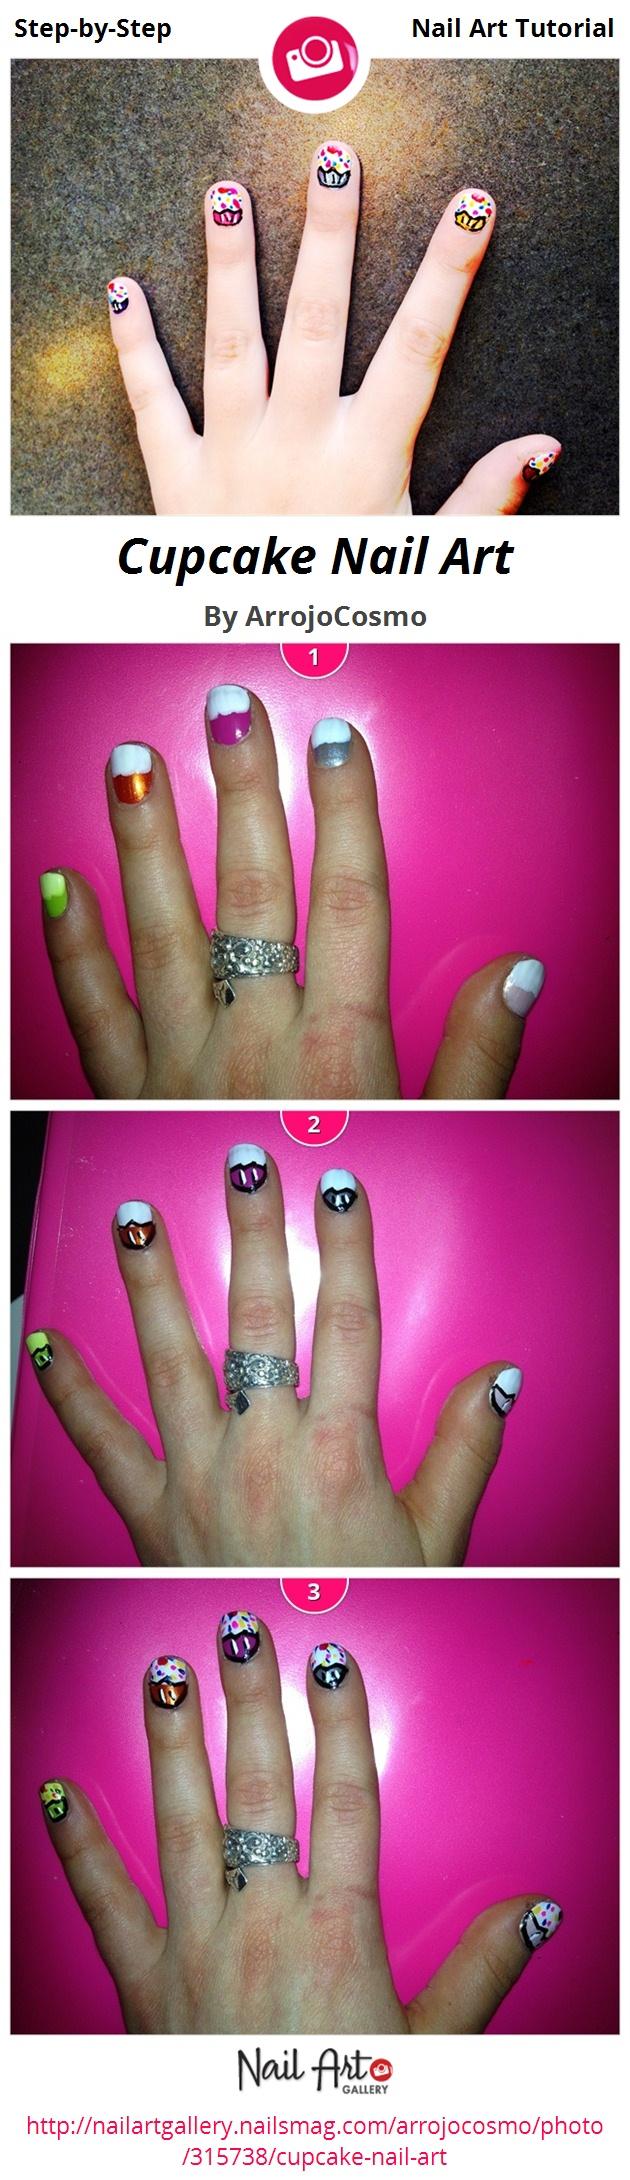 Cupcake Nail Art - Nail Art Gallery